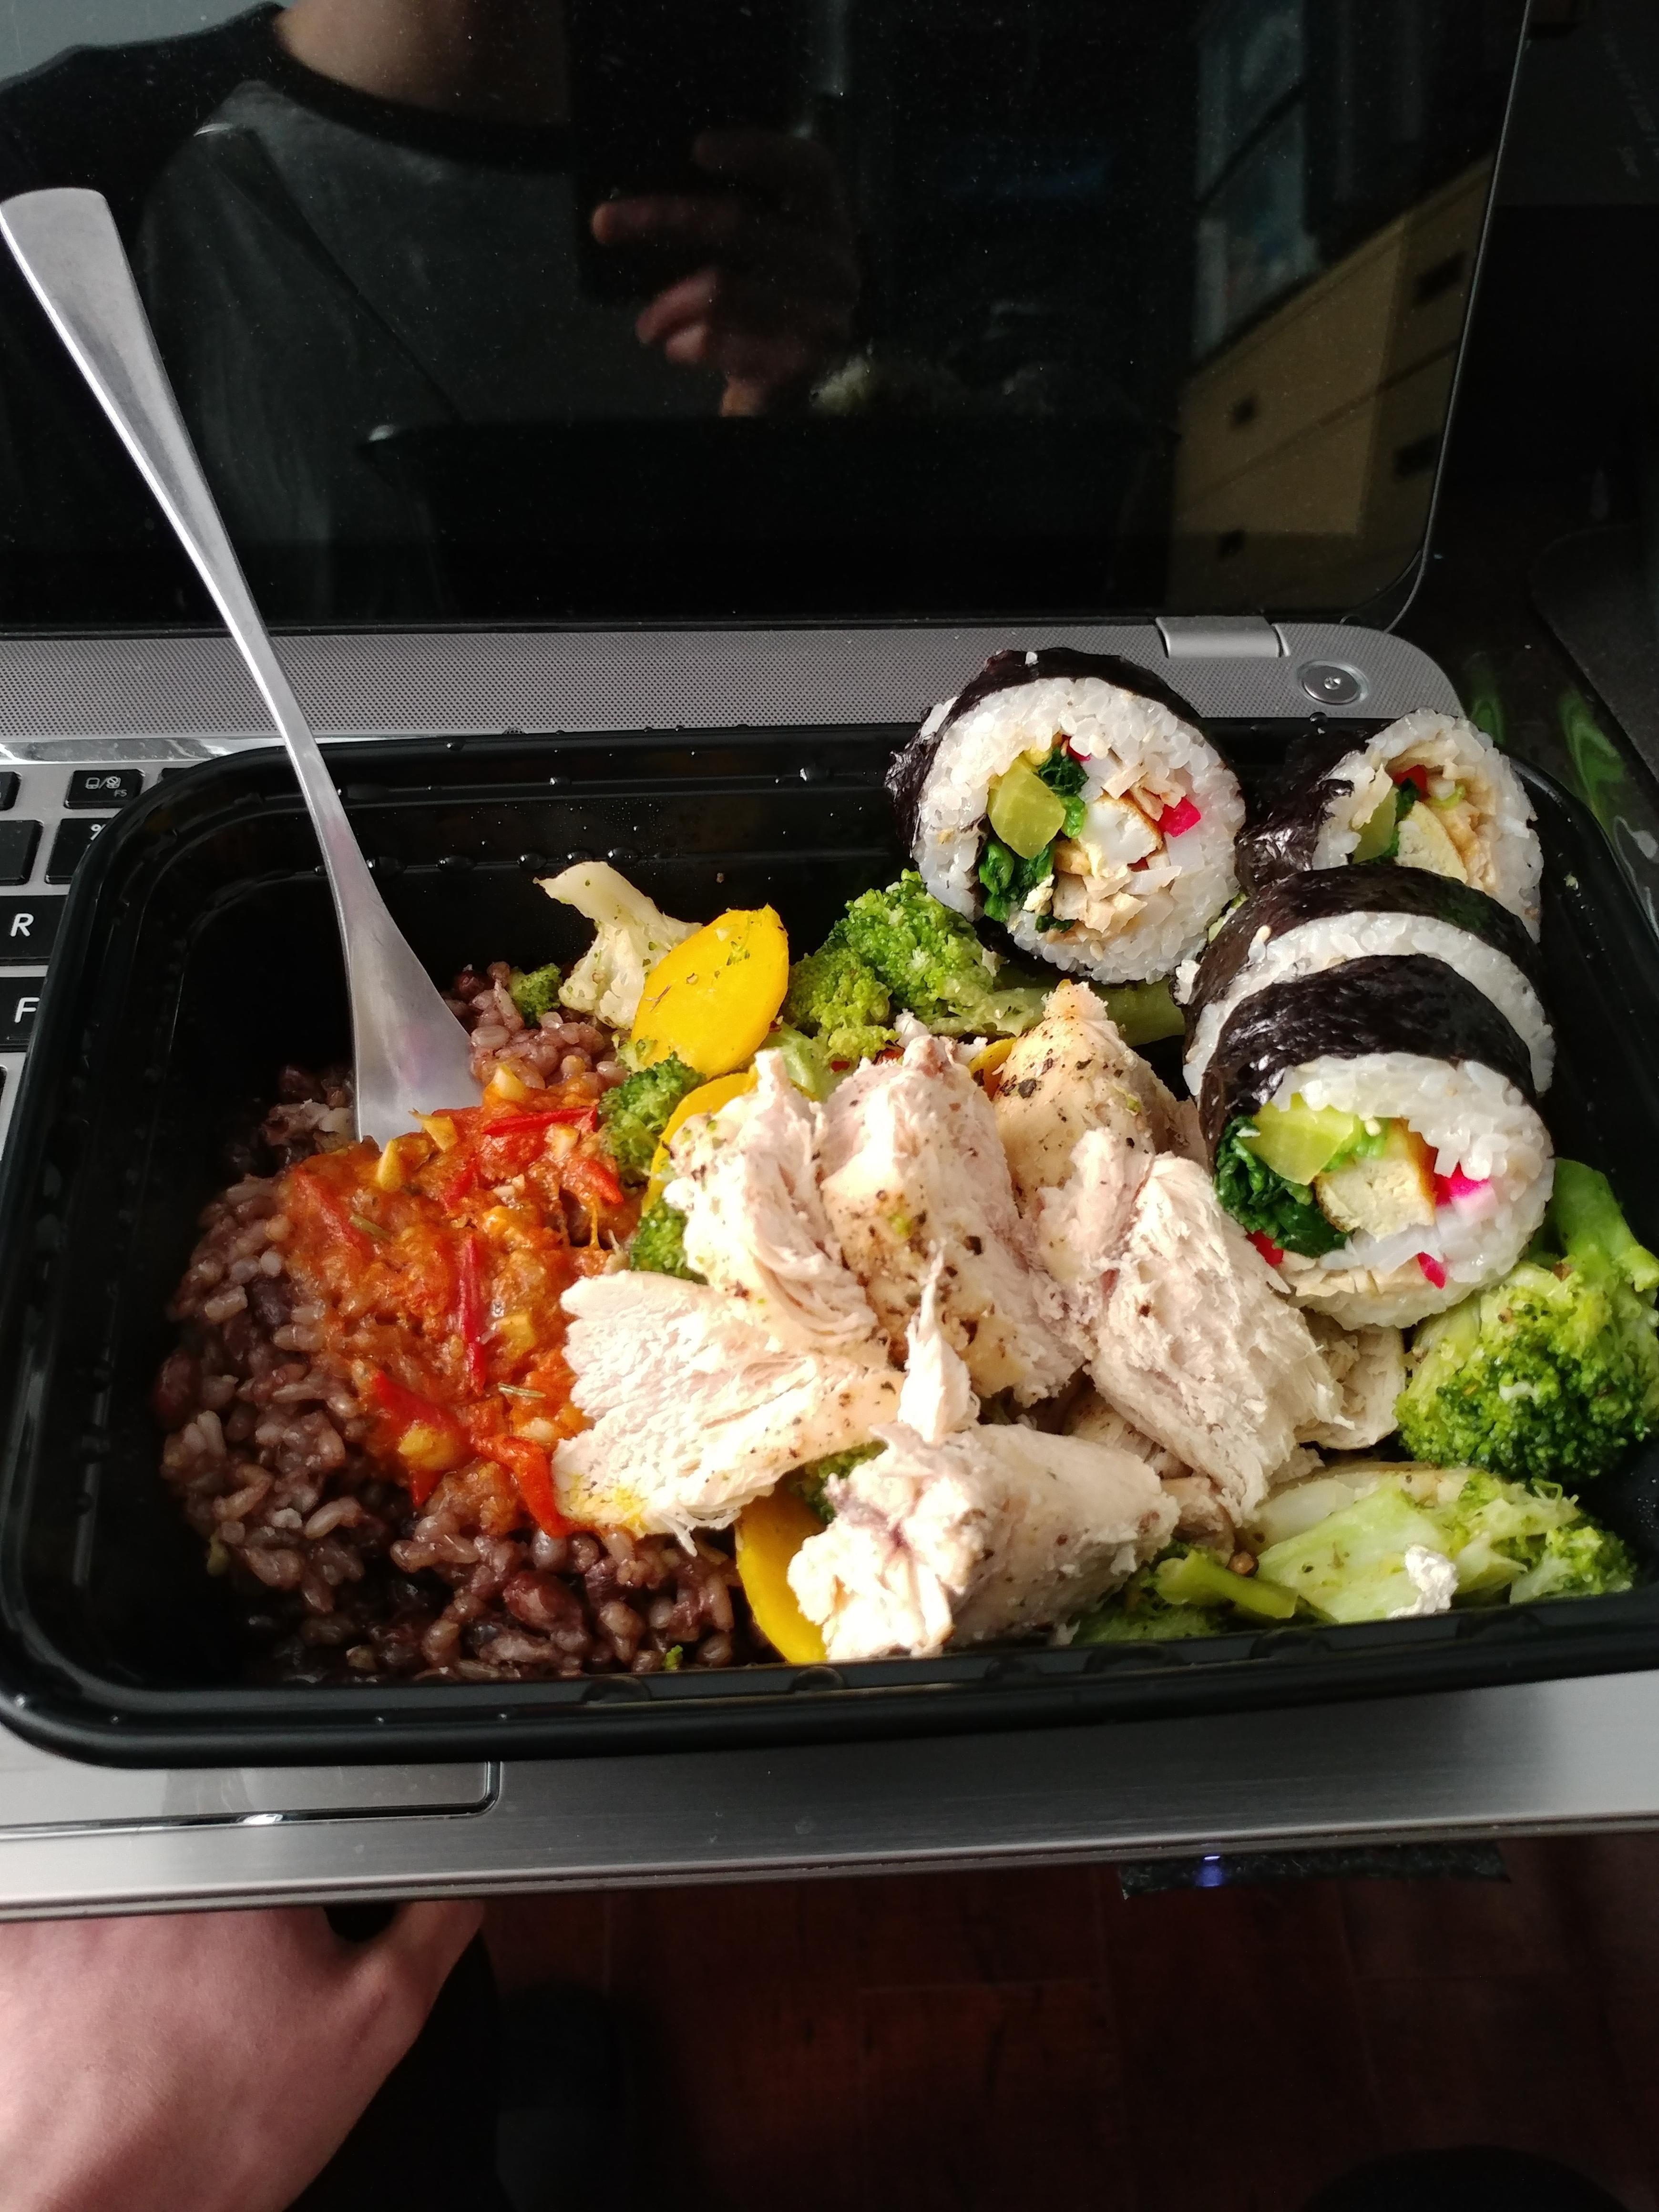 Homemade rice chicken veggies sushi